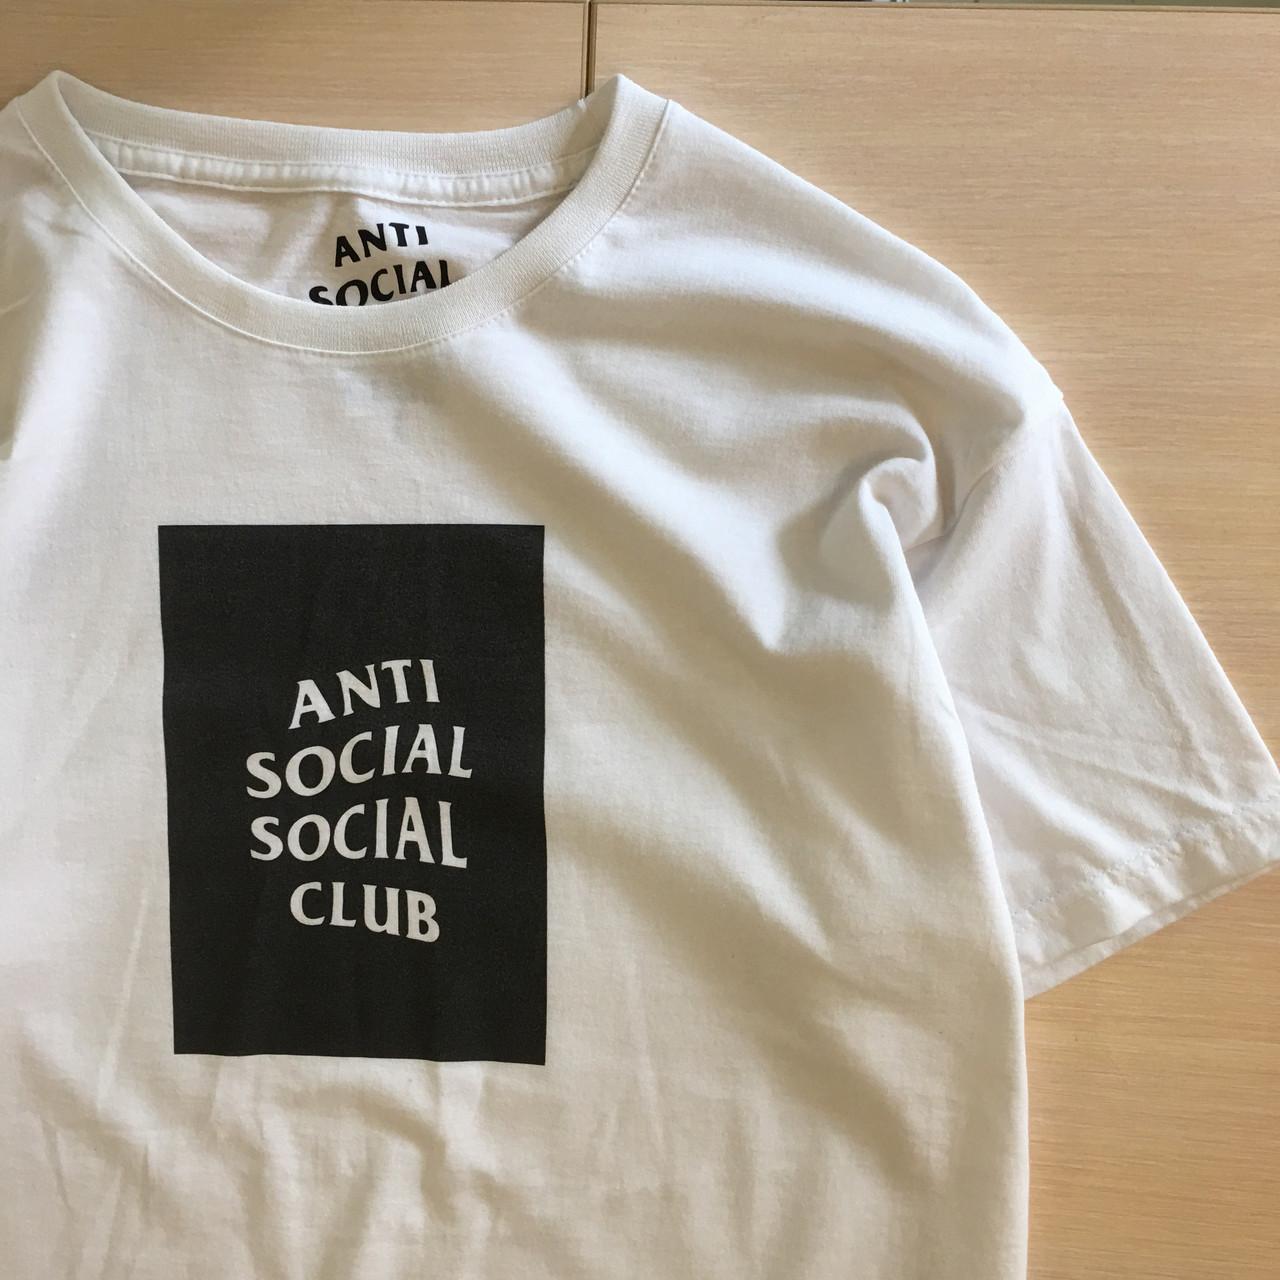 Футболка A.S.S.C. Белая Anti Social social club есть бирка | Качественная реплика